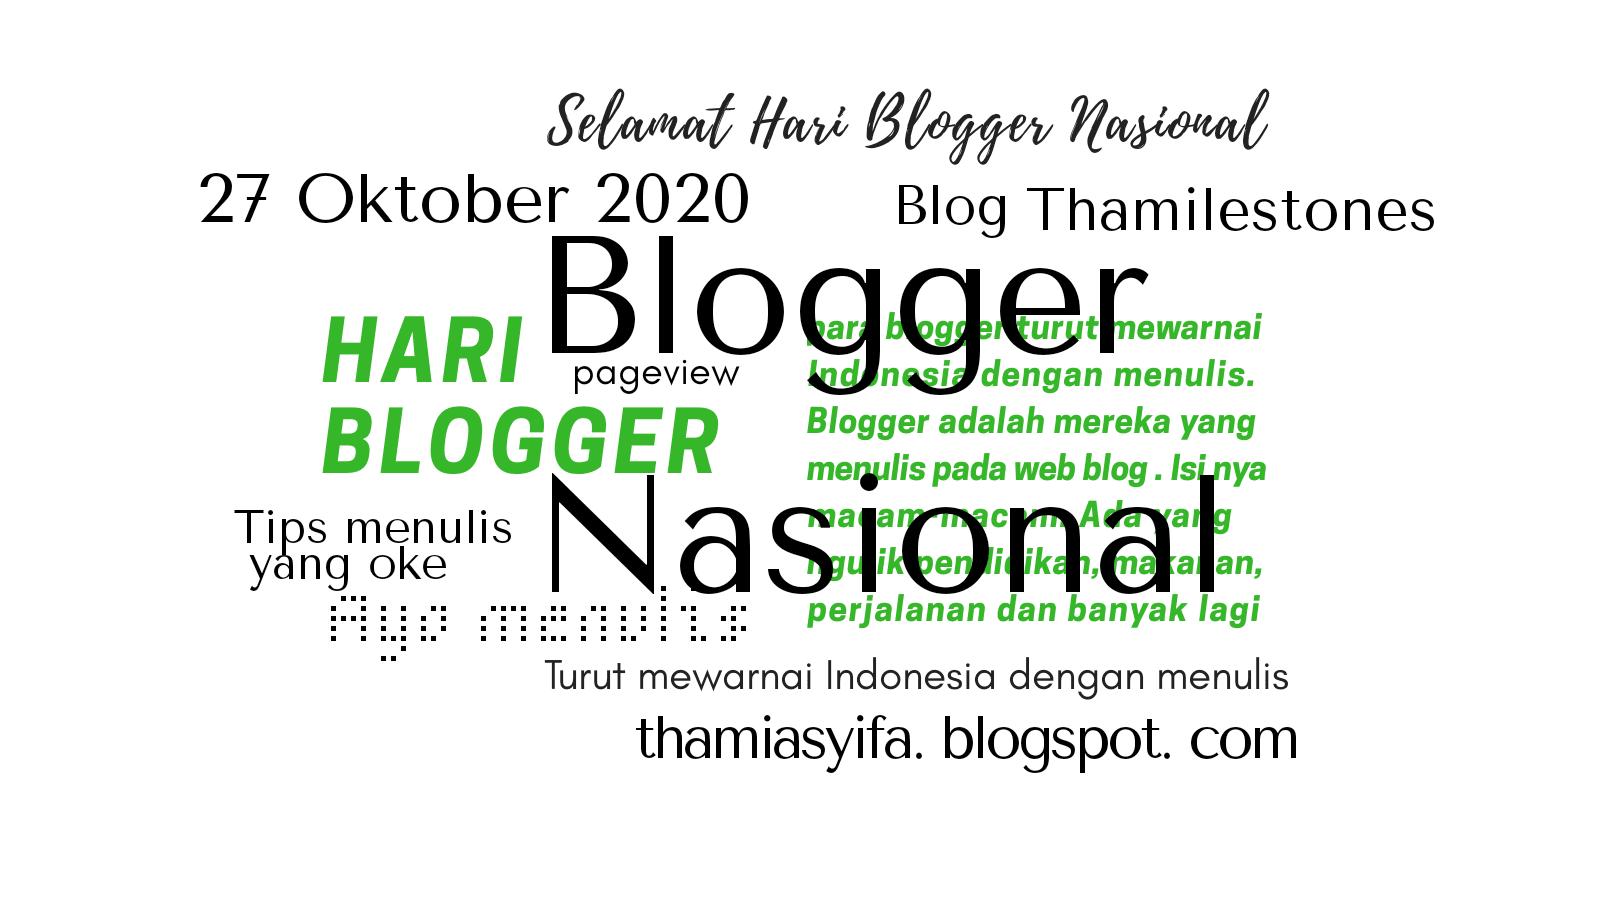 Selamat hari blogger nasional